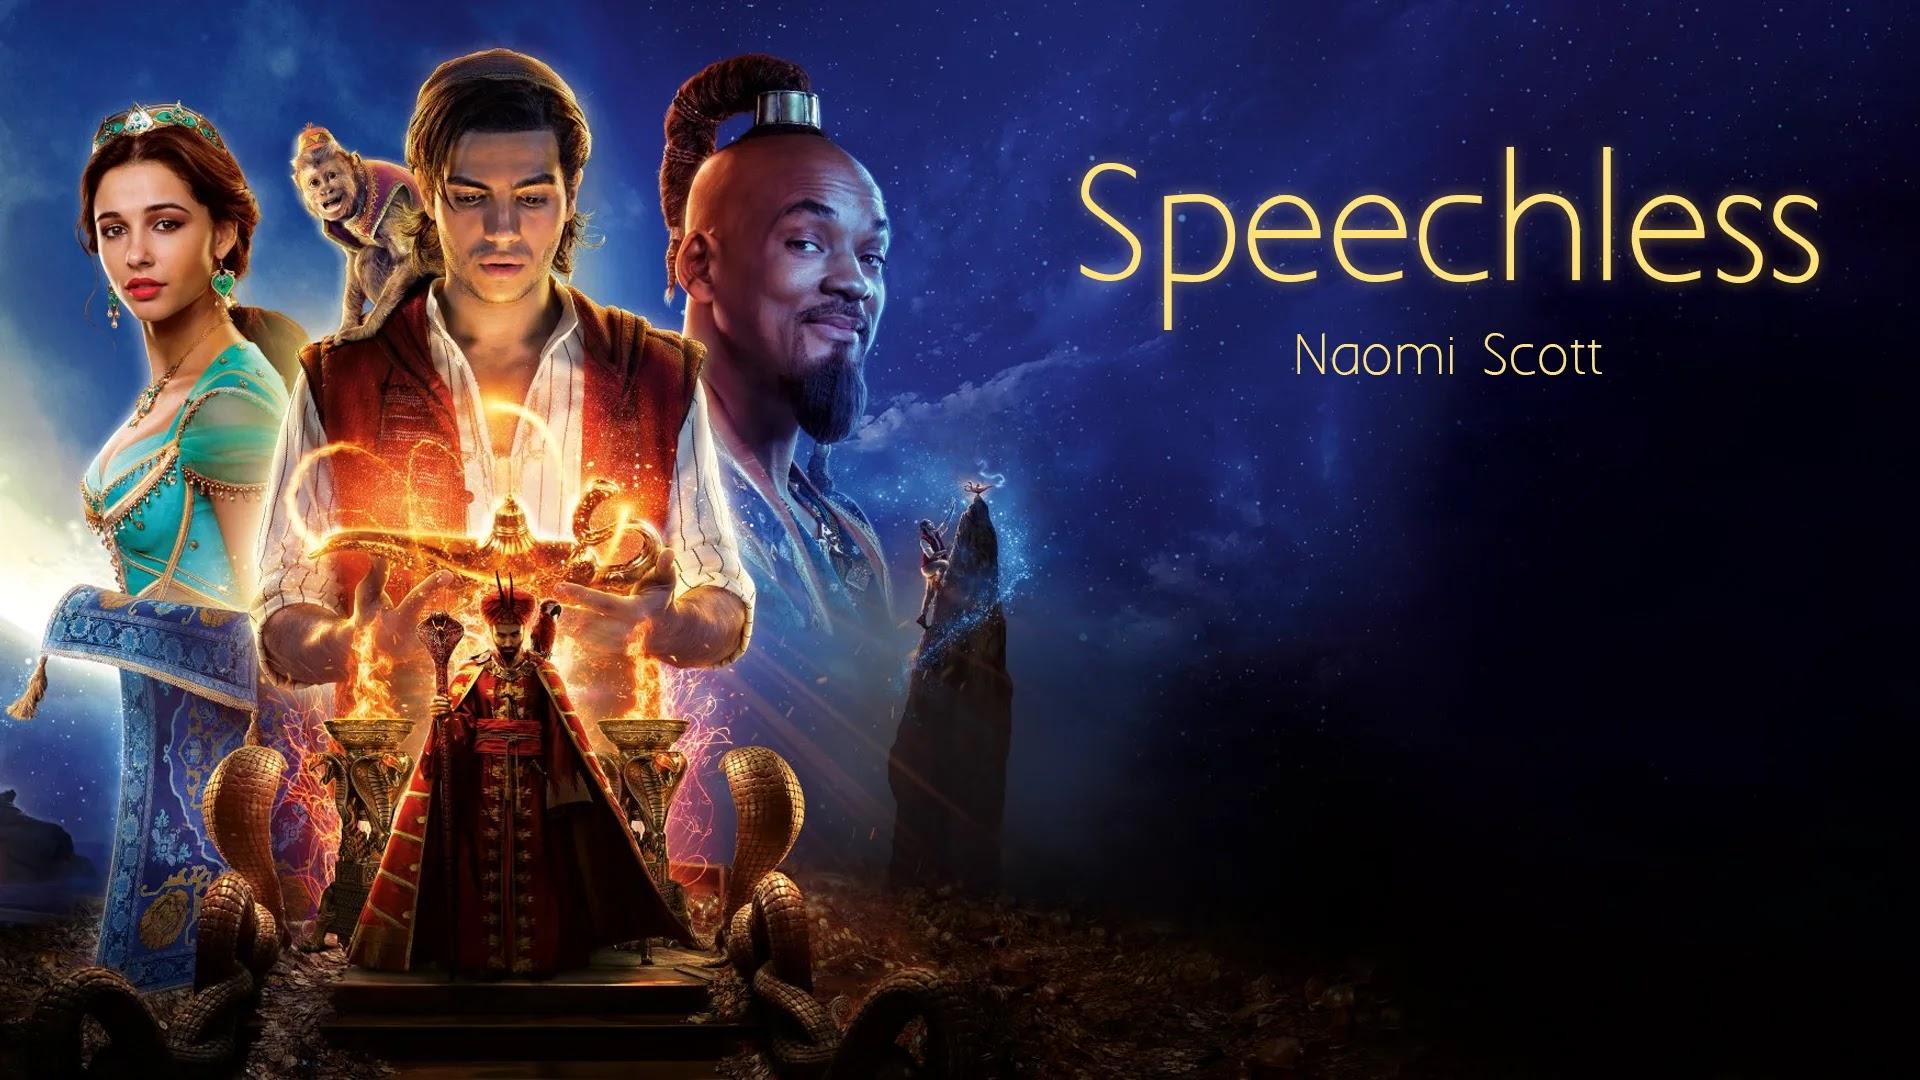 Speechless - Naomi Scott (Alladin 2019 OST)